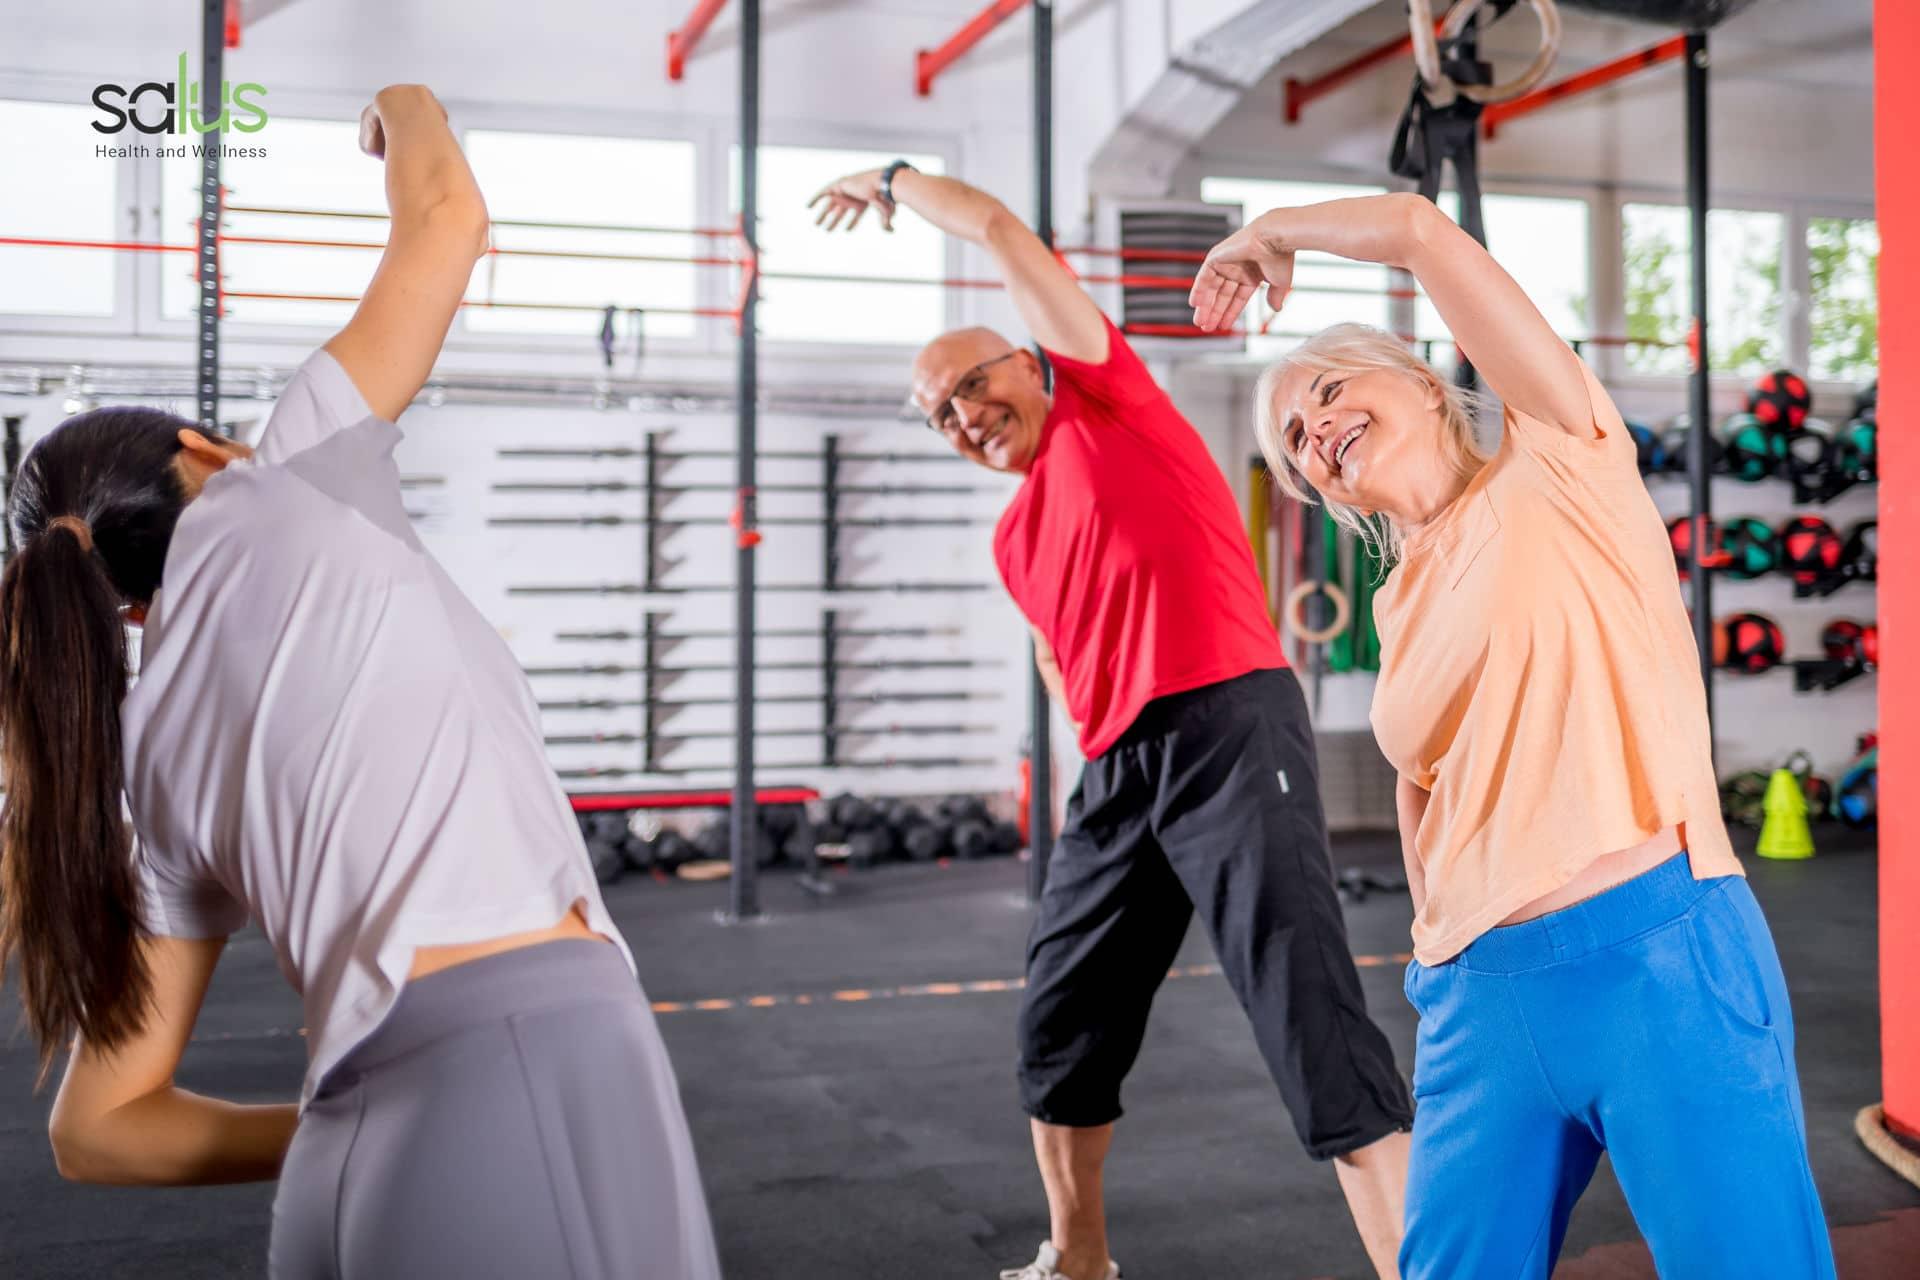 ipertensione-e-sport-che-relazione-hanno